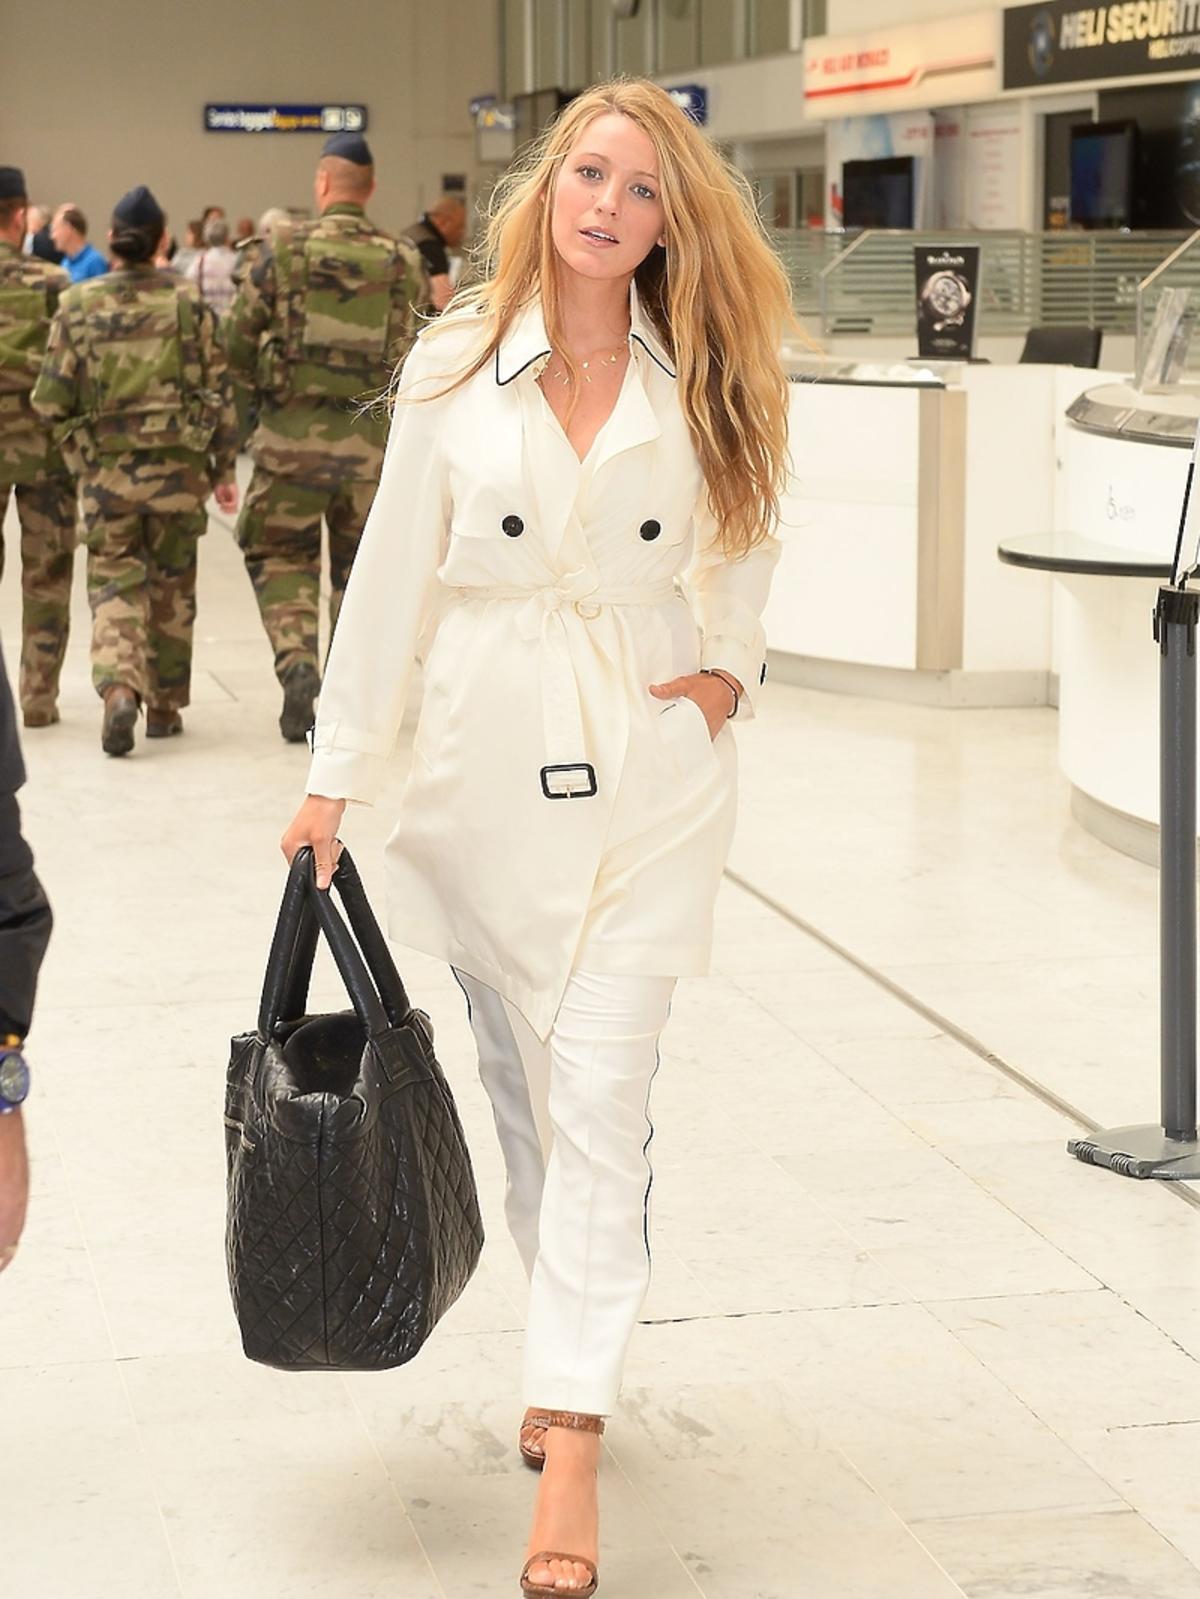 Blake Lively w białym płaszczu i spodniach